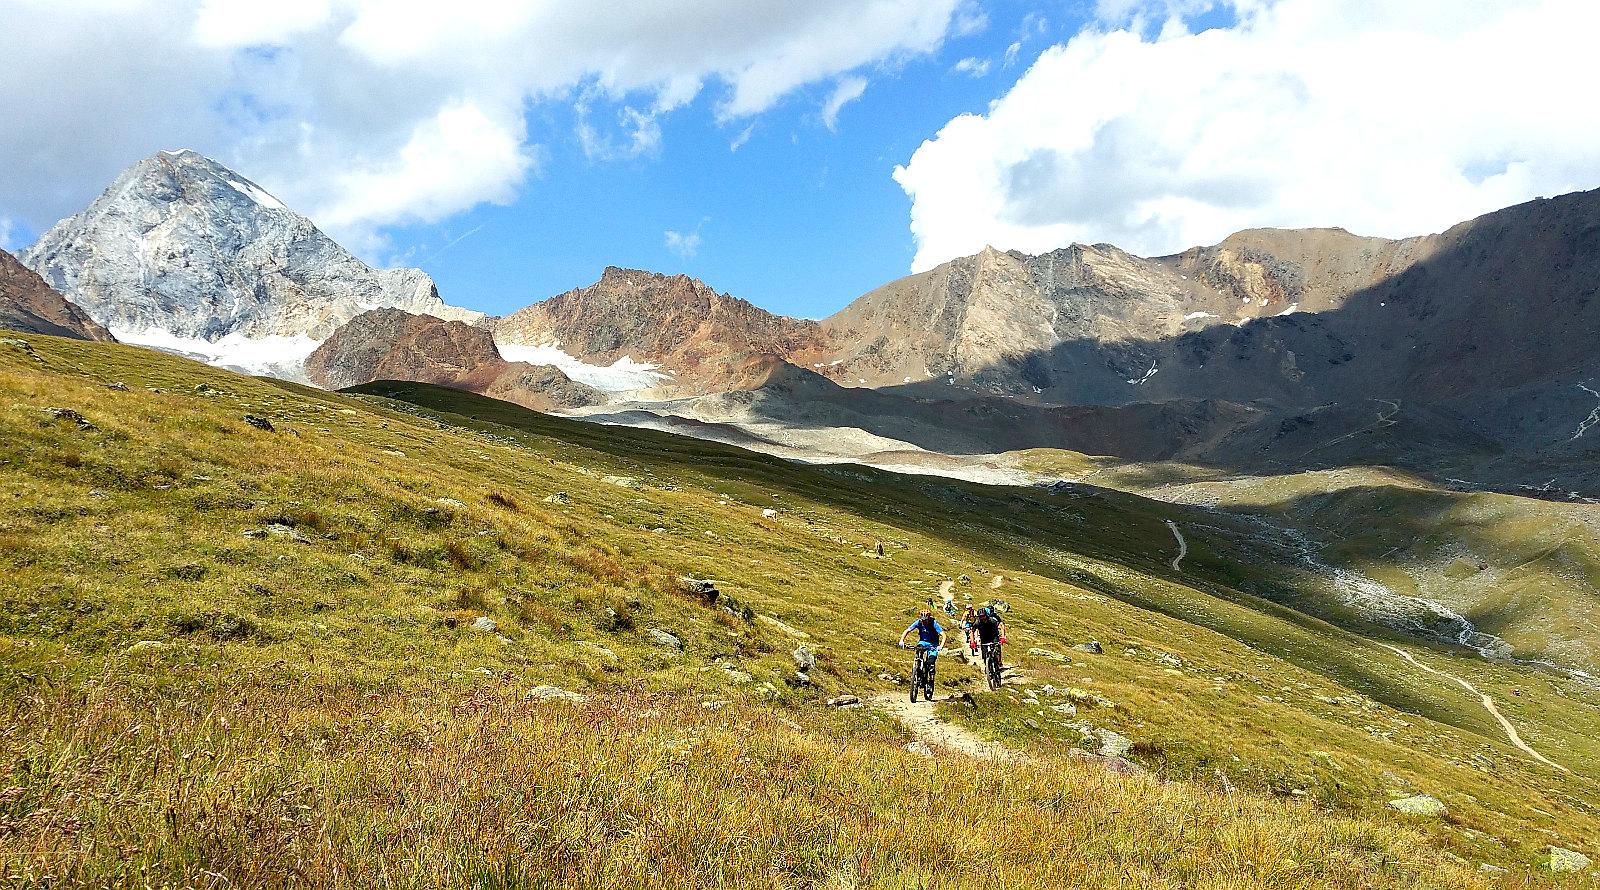 die Königsspitze im Hintergrund gehts talwärts